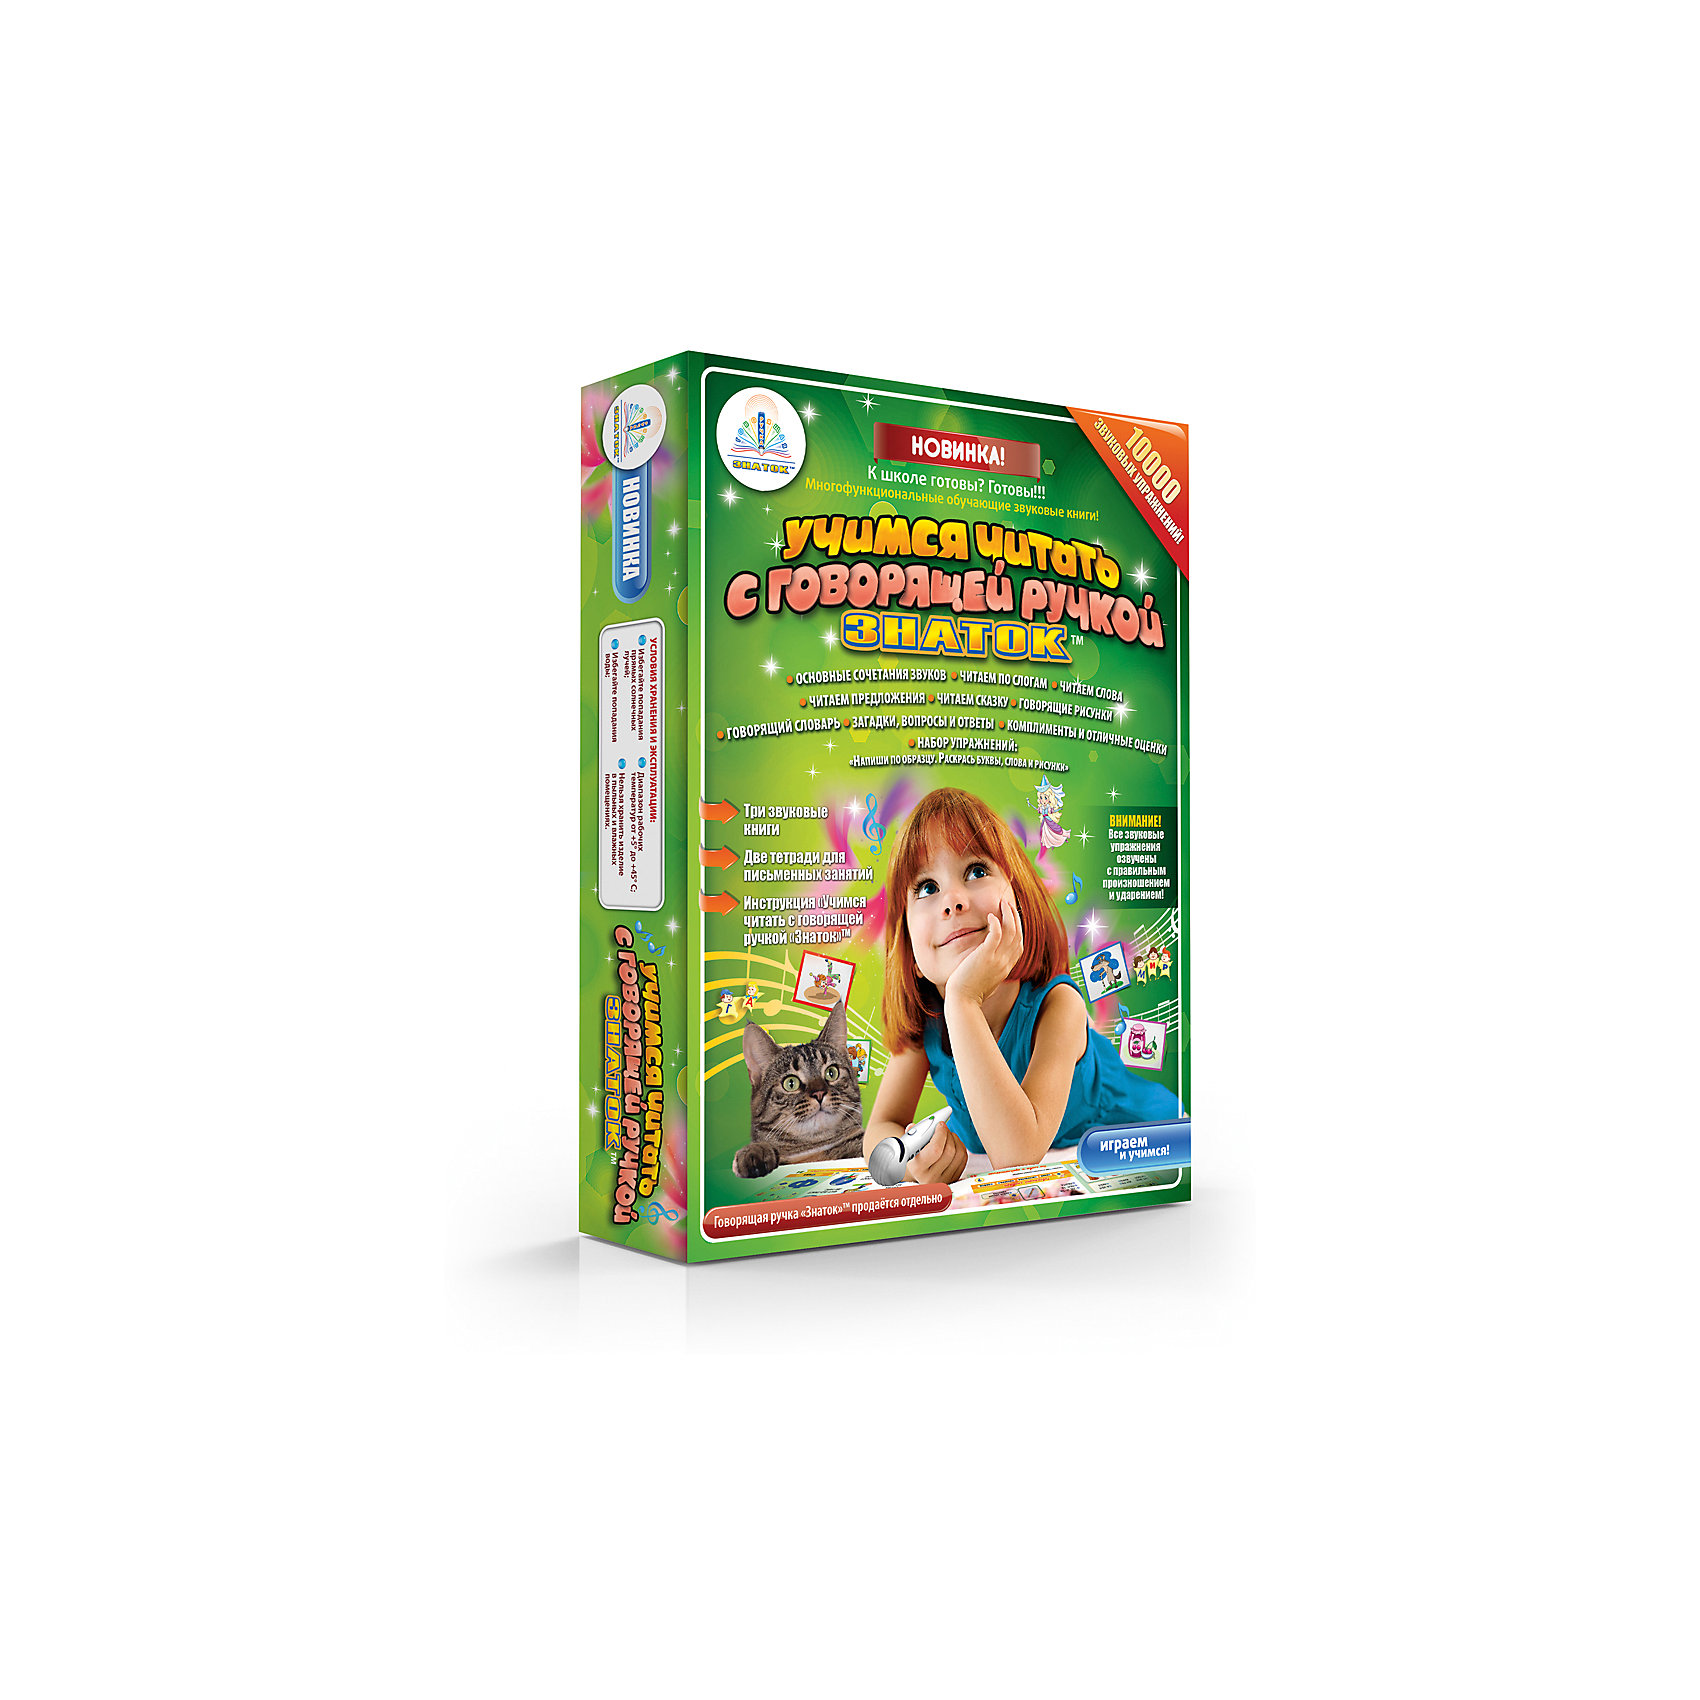 Набор книг для говорящей ручки Учимся читатьГоворящие ручки с книгами<br>Набор книг для говорящей ручки Учимся читать, Знаток<br><br>Характеристики:<br><br>• поможет ребенку научиться читать в игровой форме<br>• тексты озвучены профессиональными актерами<br>• можно проверить полученные знания с помощью экзамена<br>• 10 000 звуковых упражнений<br>• озвученные персонажи<br>• в комплекте: 3 книги Учимся читать с Говорящей ручкой ЗНАТОК (формат 19х26 см, твердый переплет), 2 тетради для практических занятий (формат 18,5х25,6 см, мягкий переплет)<br>• Авторы: Надежда Чижова, Григорий Чижов<br>• ISBN: 9785424400117<br>• размер упаковки: 26х19 см<br>• вес: 500 грамм<br><br>Набор Учимся читать от торговой марки Знаток станет прекрасным помощником для детей и родителей. В комплект входят 3 книги и 2 тетради для практических занятий. Сначала ребенок познакомится с буквами, слогами, словами и звуками, научится читать, а затем сможет проверить свои знания с помощью специального звукового экзамена. Десять тысяч упражнений помогут ему в этом. Кроме того, набор поможет развить словарный запас вместе с говорящим словарем. <br>Для работы необходима Говорящая ручка Знаток ( в комплект не входит)<br><br>Набор книг для говорящей ручки Учимся читать, Знаток вы можете купить в нашем интернет-магазине.<br><br>Ширина мм: 190<br>Глубина мм: 280<br>Высота мм: 260<br>Вес г: 500<br>Возраст от месяцев: 36<br>Возраст до месяцев: 84<br>Пол: Унисекс<br>Возраст: Детский<br>SKU: 3341083